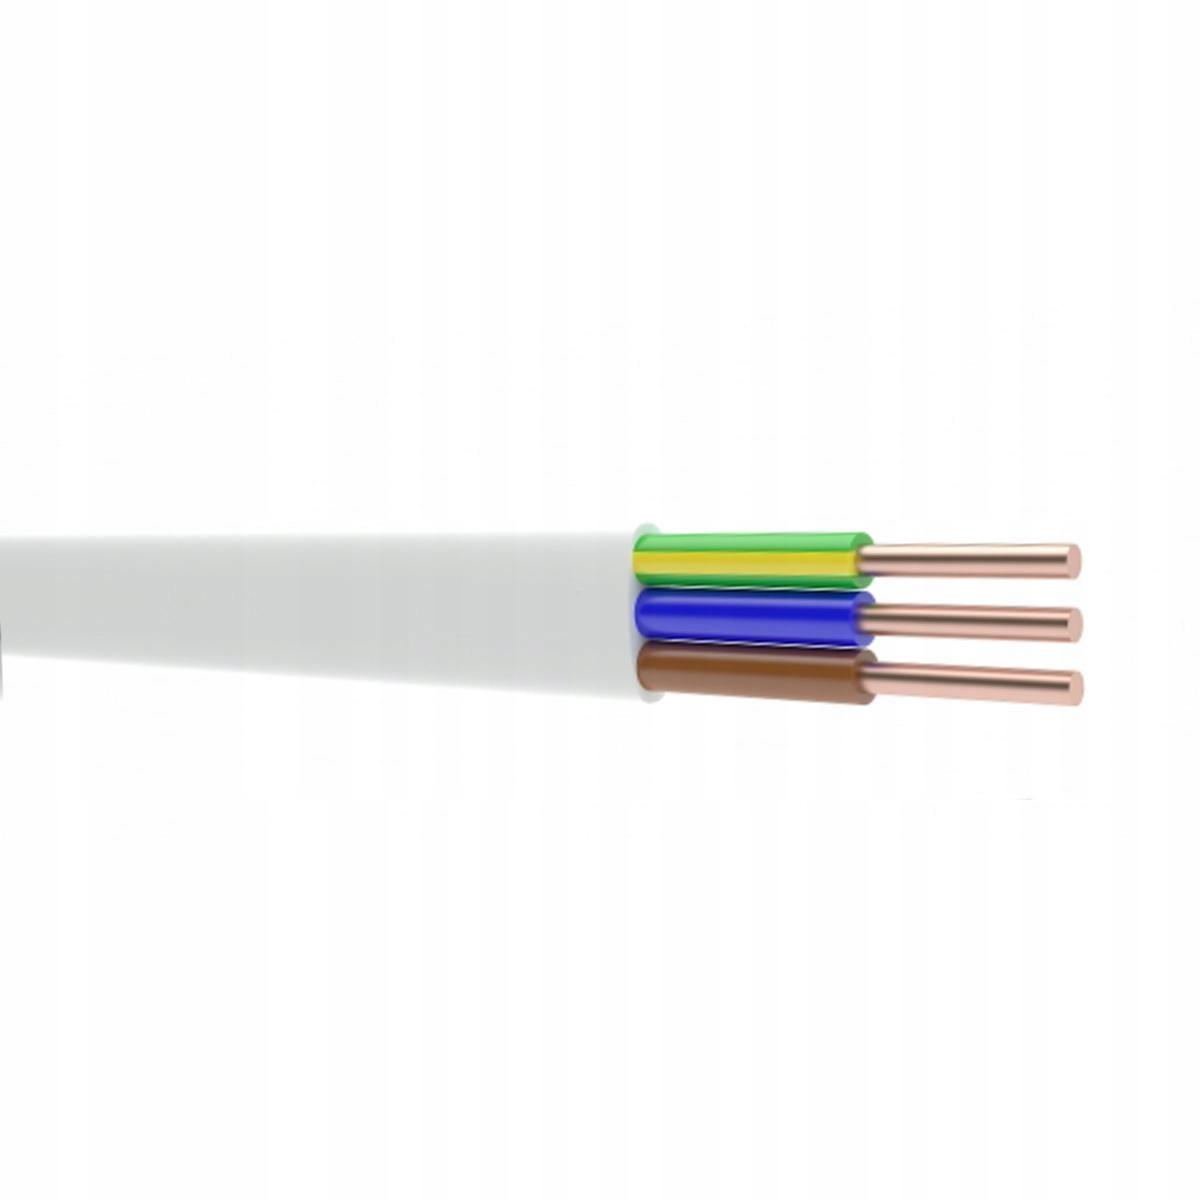 Przewód YDYp 3x2,5 750V płaski POLSKI 1mb